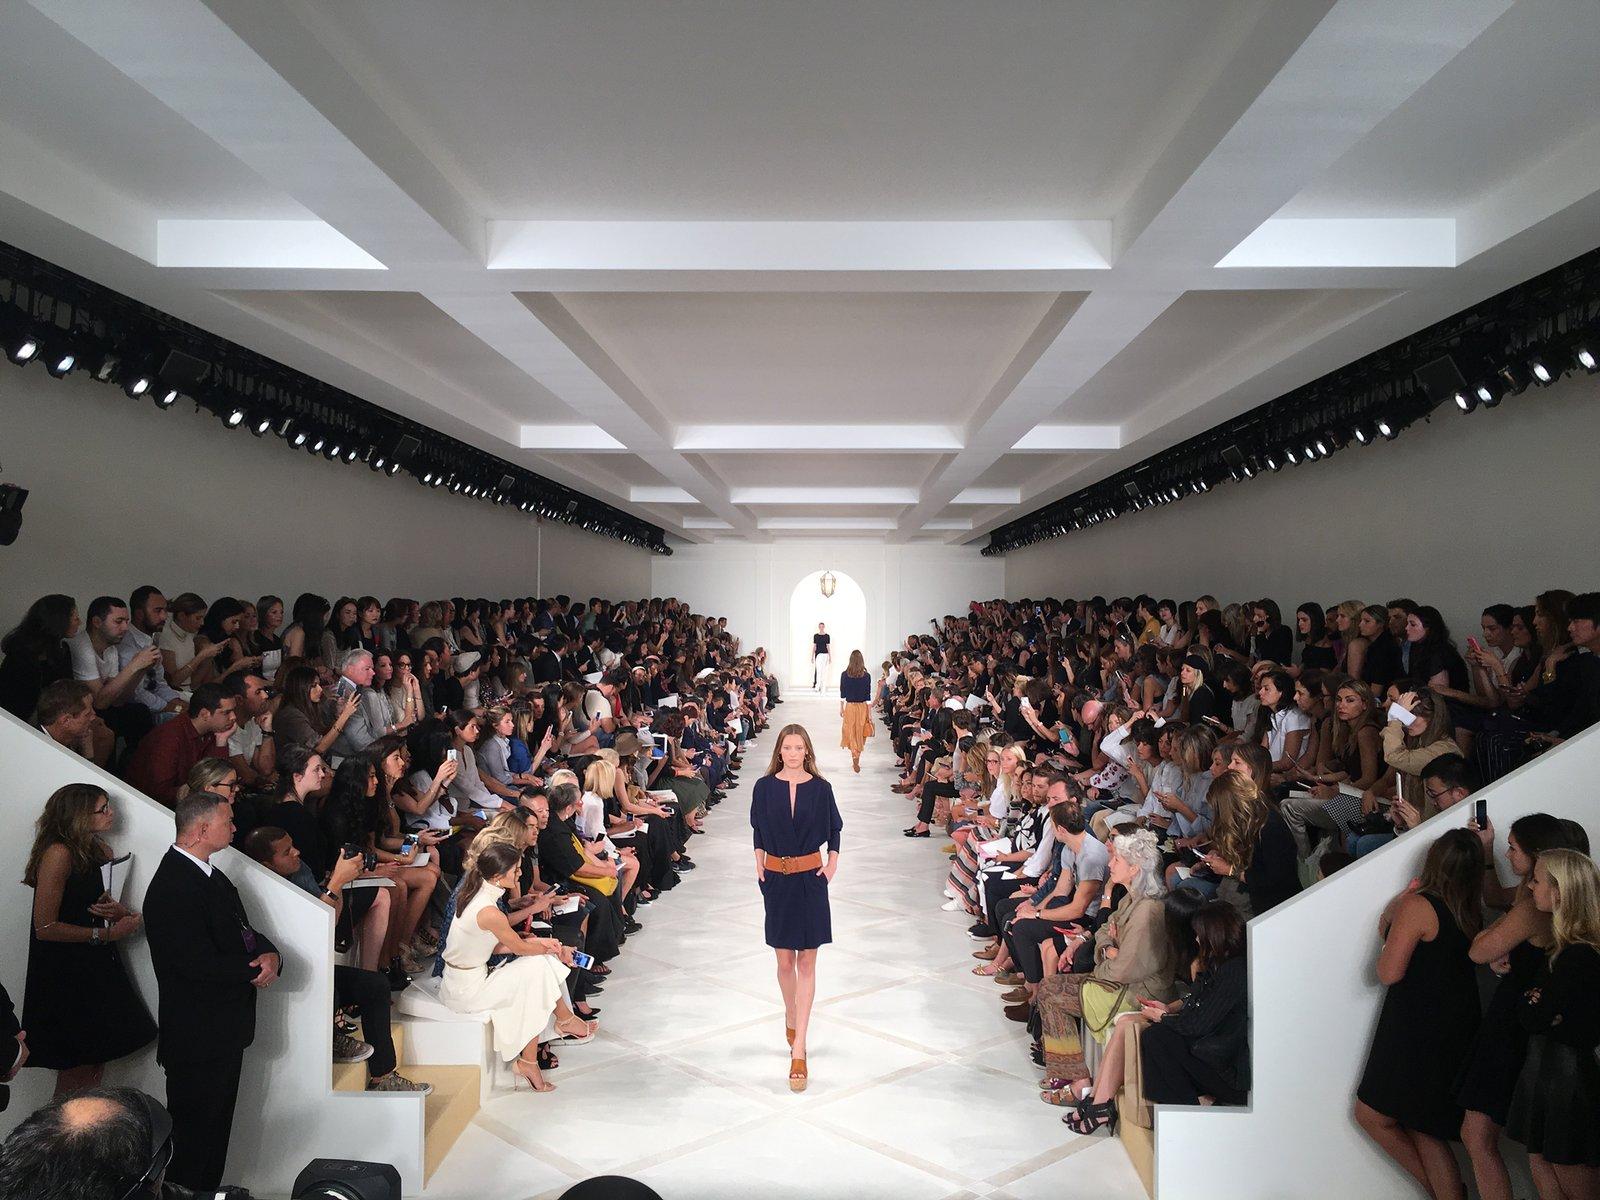 Kevin Lu testasi iPhone 6s Plussan kameraa New York Fashion Week -tapahtumassa